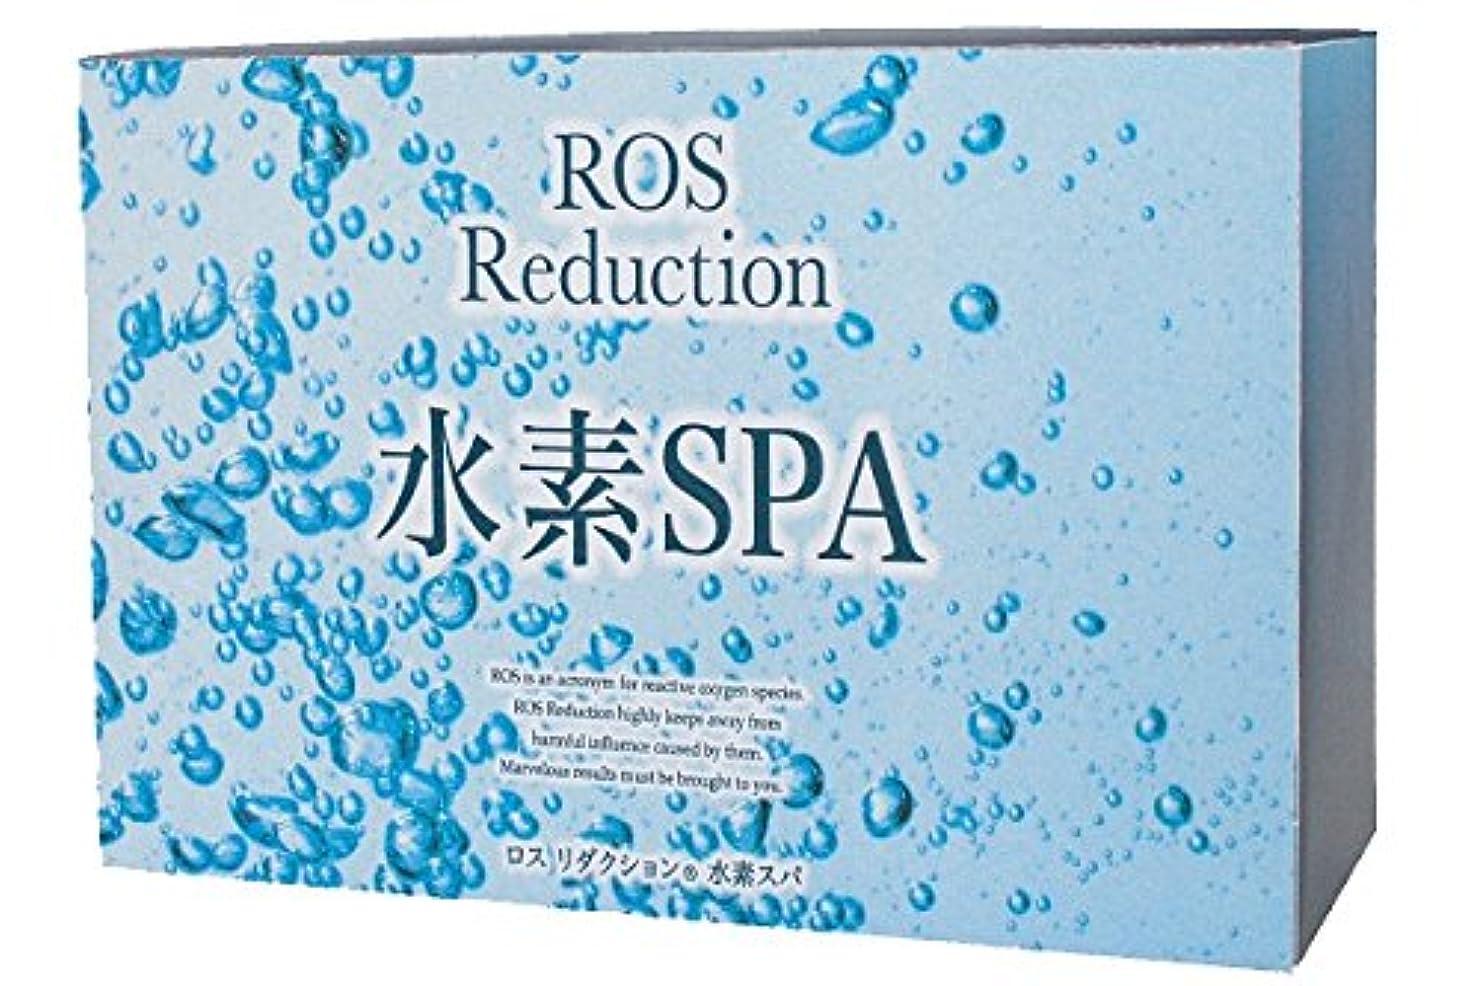 引退するシングルモナリザお得な6箱セット トップクラスの高濃度水素入浴剤 ロスリダクション 水素SPA (50g×5包)